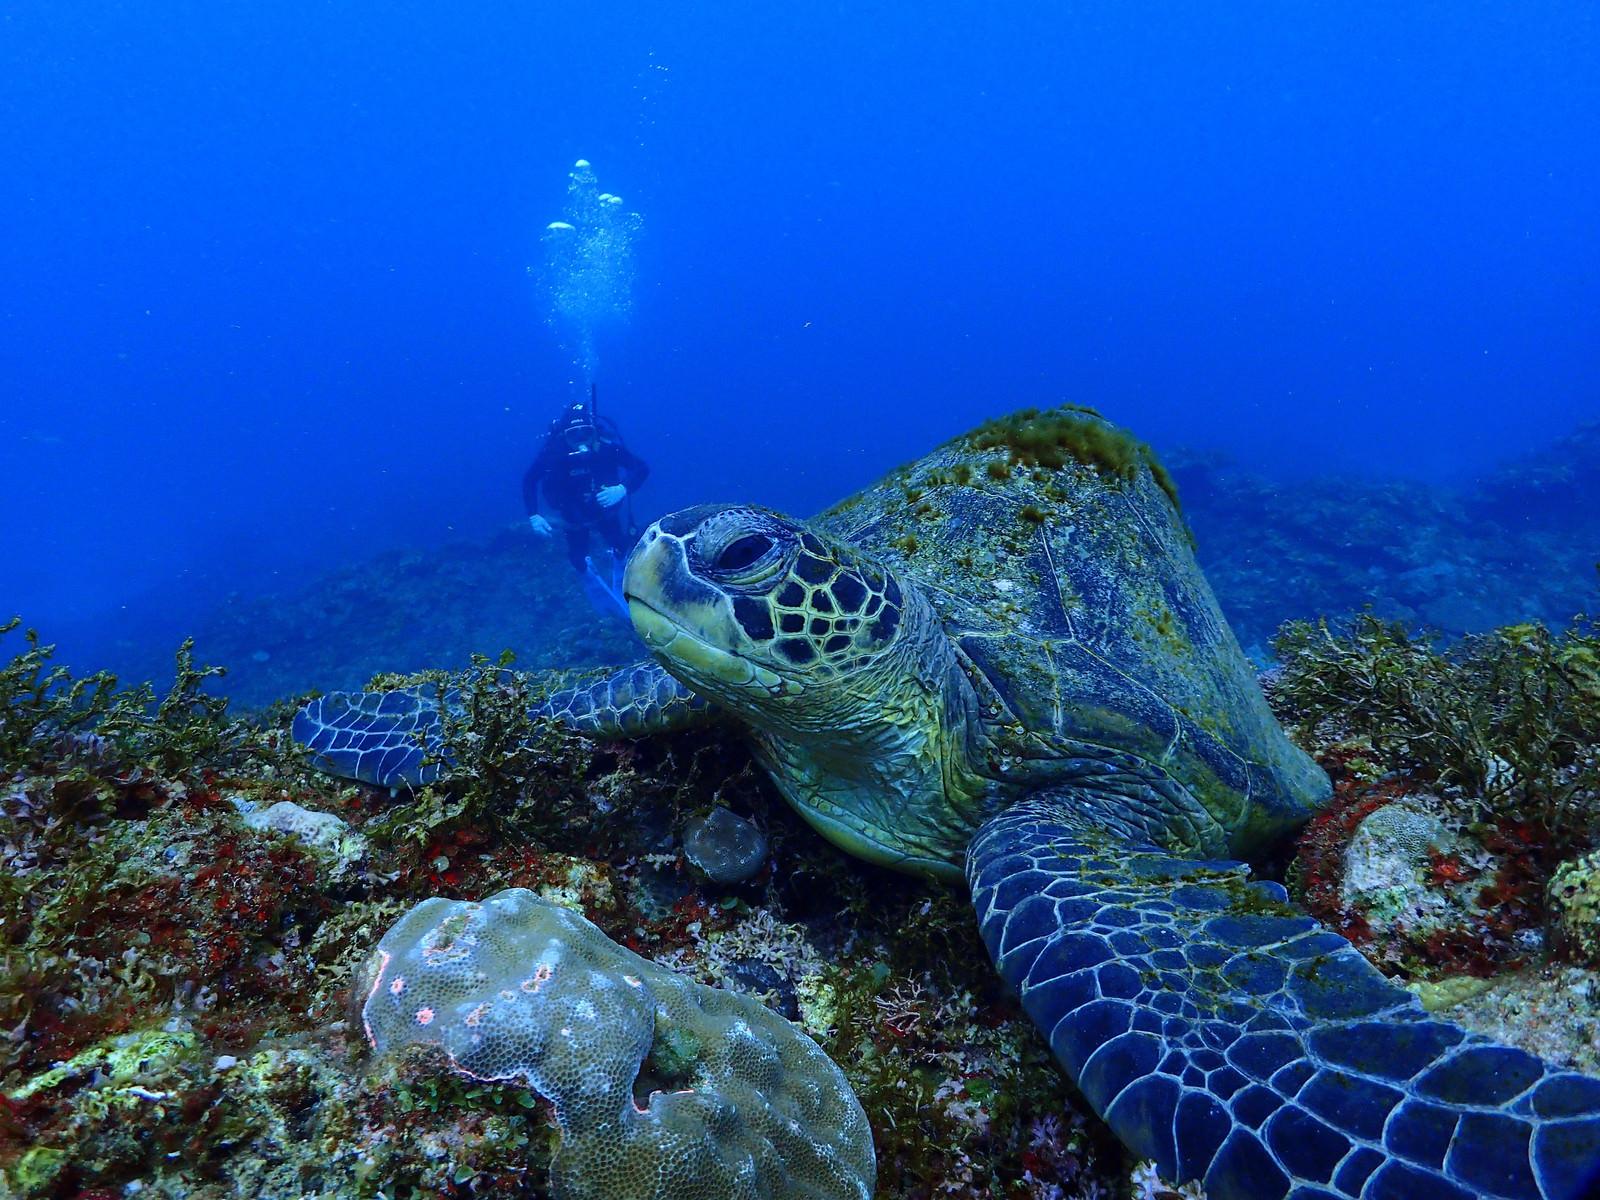 「海中を泳ぐ大きなウミガメ」の写真